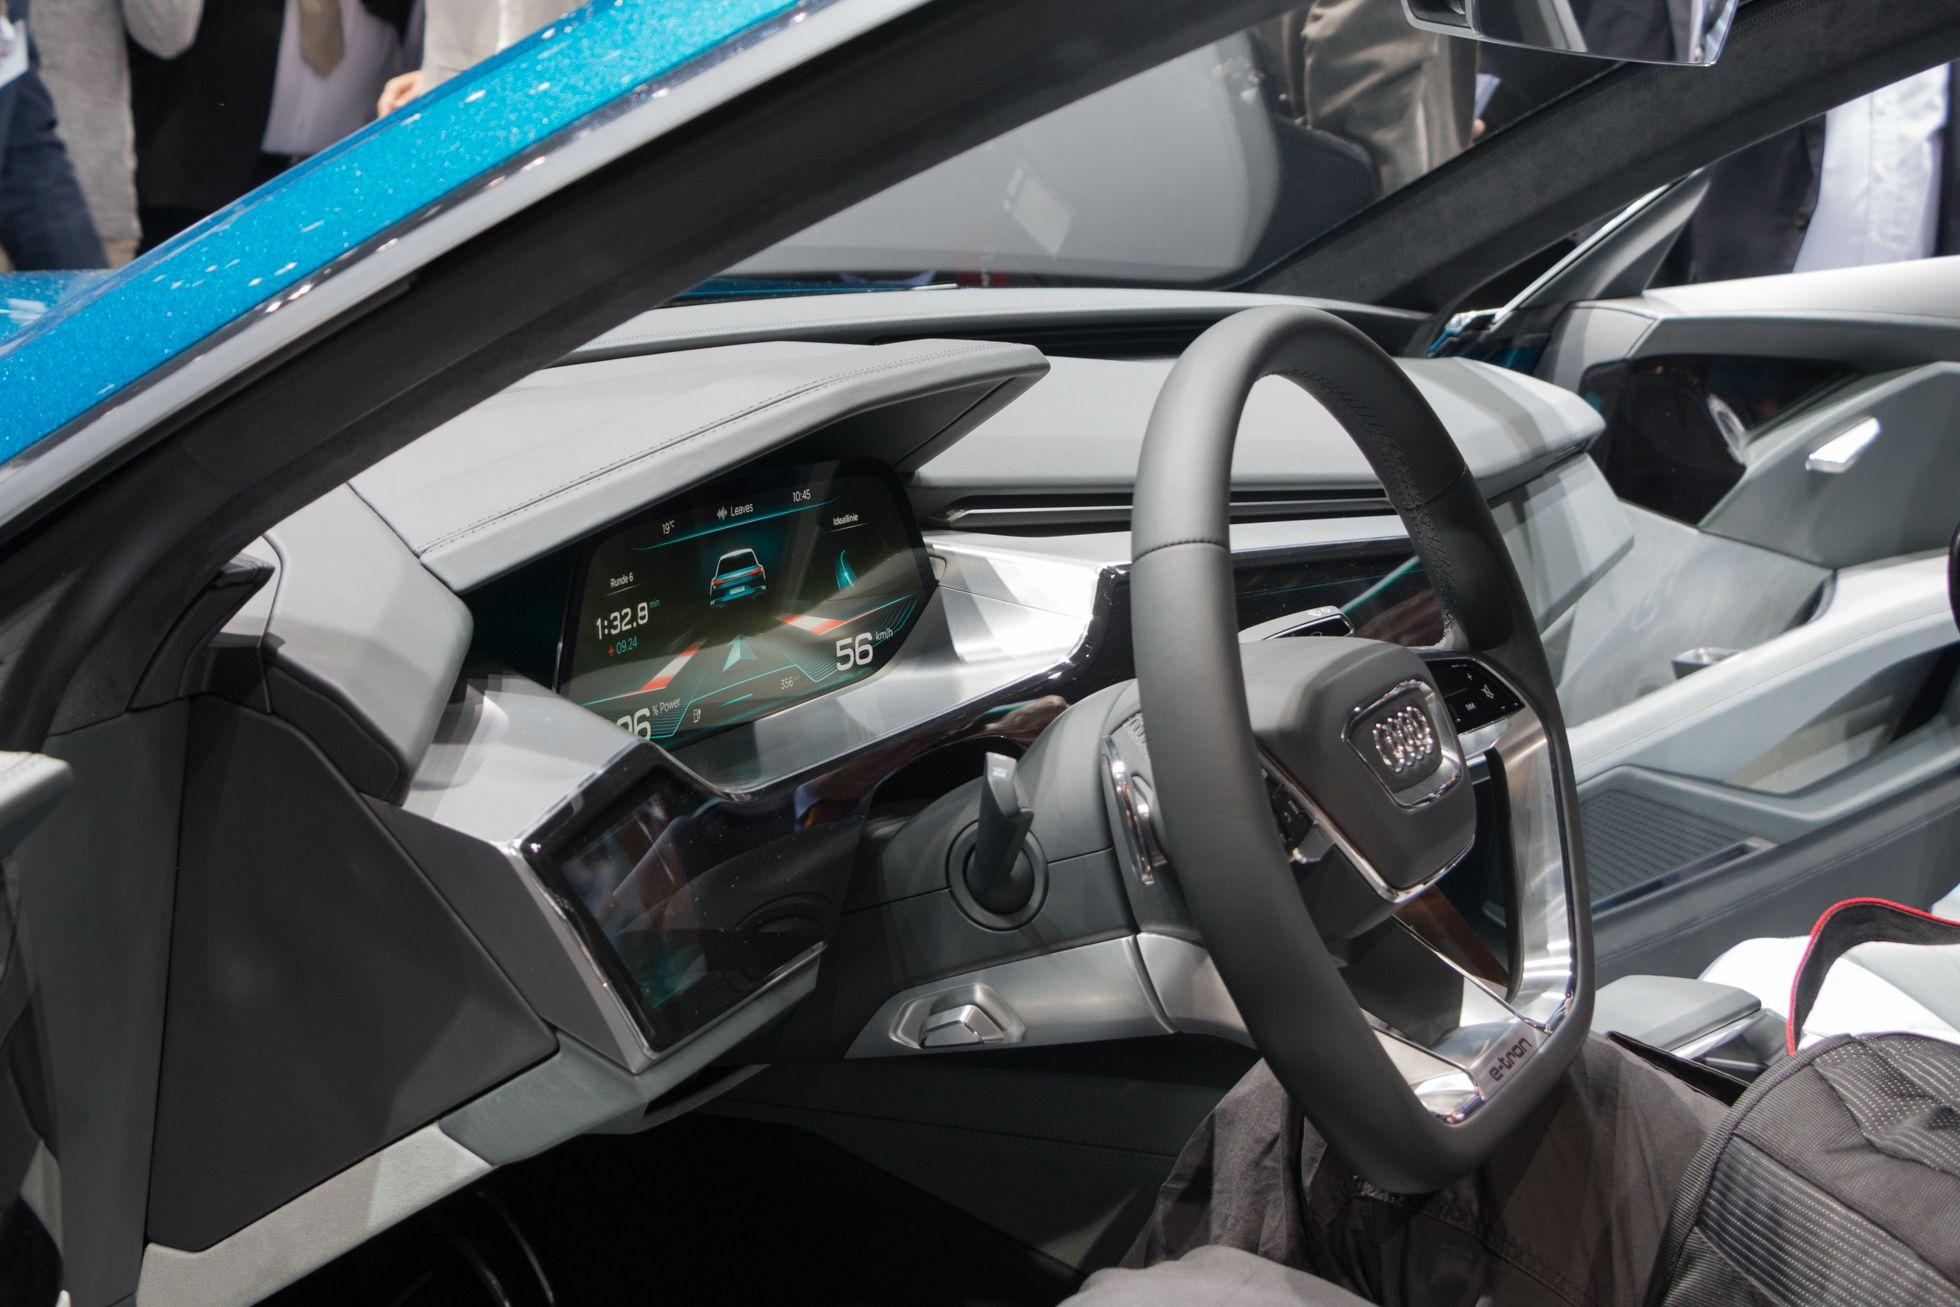 E-Tron Quattro Concept: Audi nennt Details zum neuen Virtual Cockpit - Die Instrumentenanzeige ist ein OLED-Display. (Foto: Werner Pluta/Golem.de)